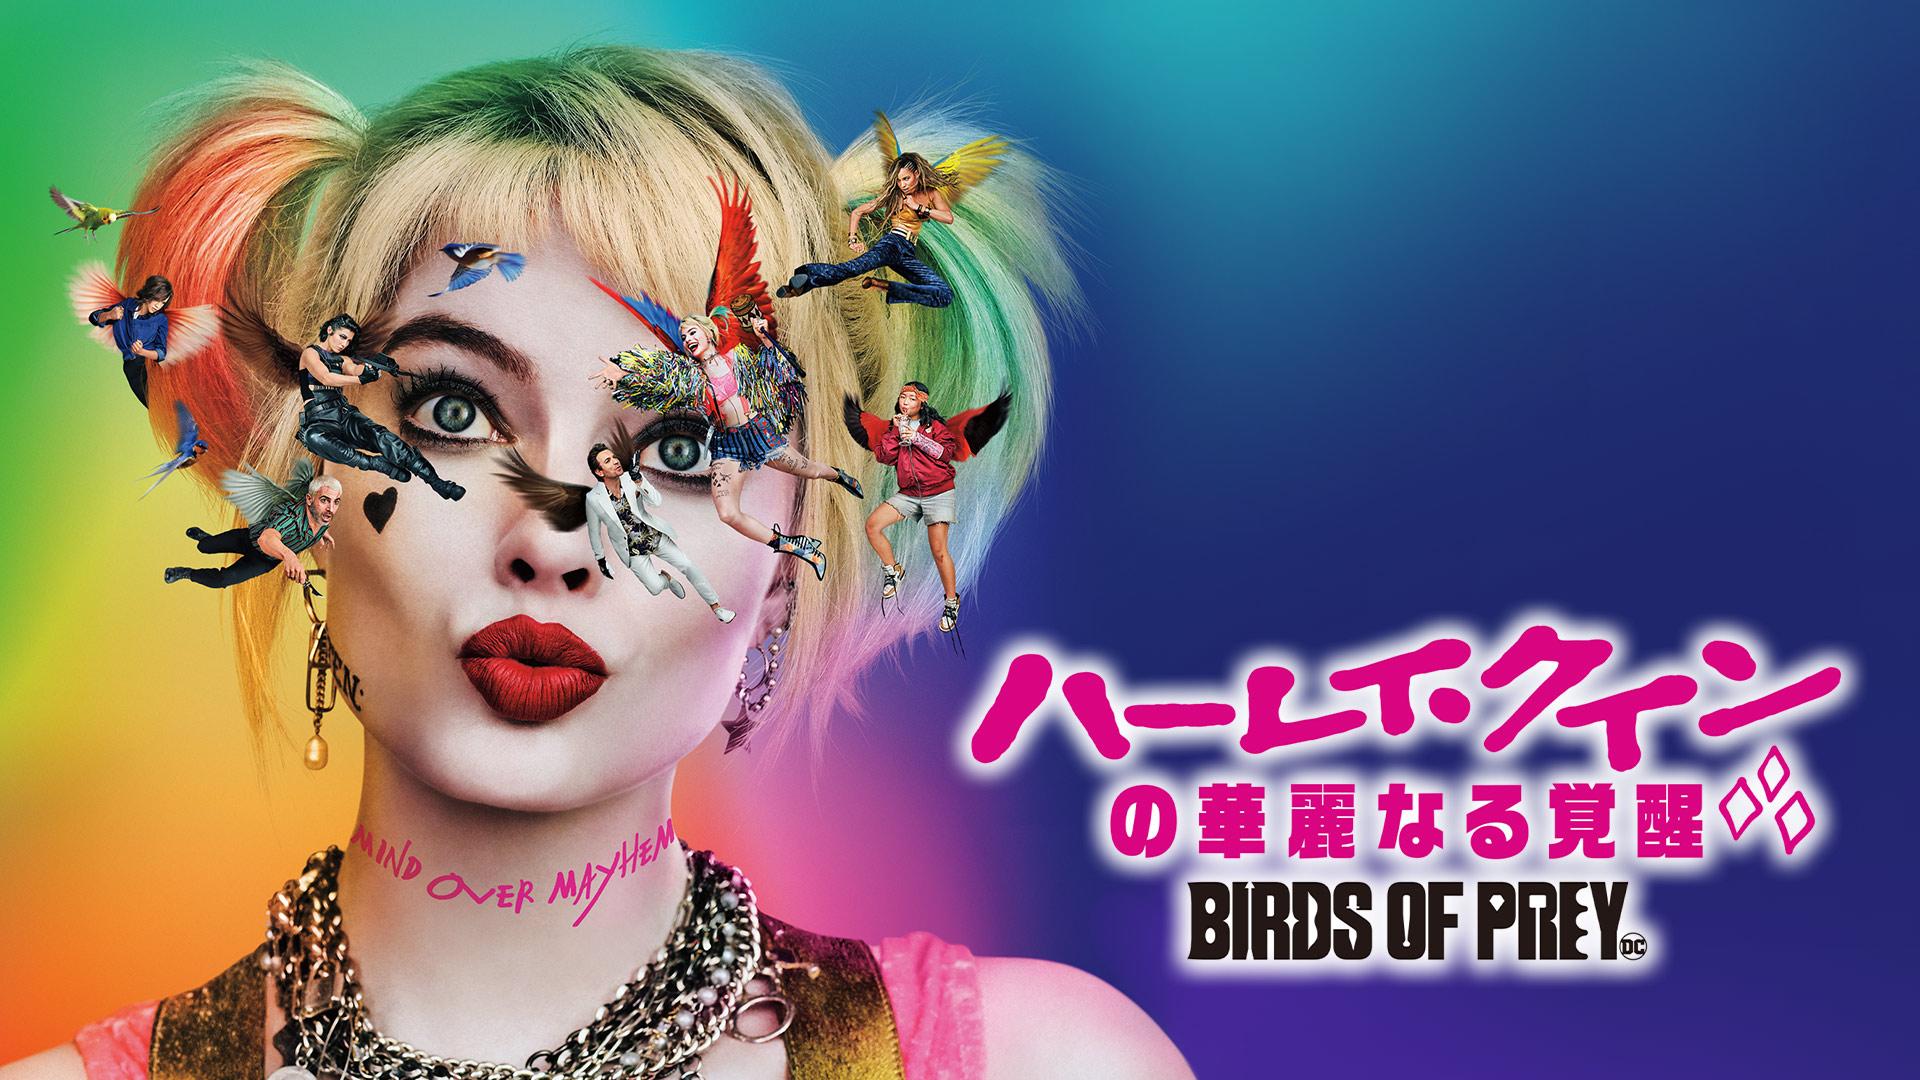 ハーレイ・クインの華麗なる覚醒 BIRDS OF PREY(字幕版)